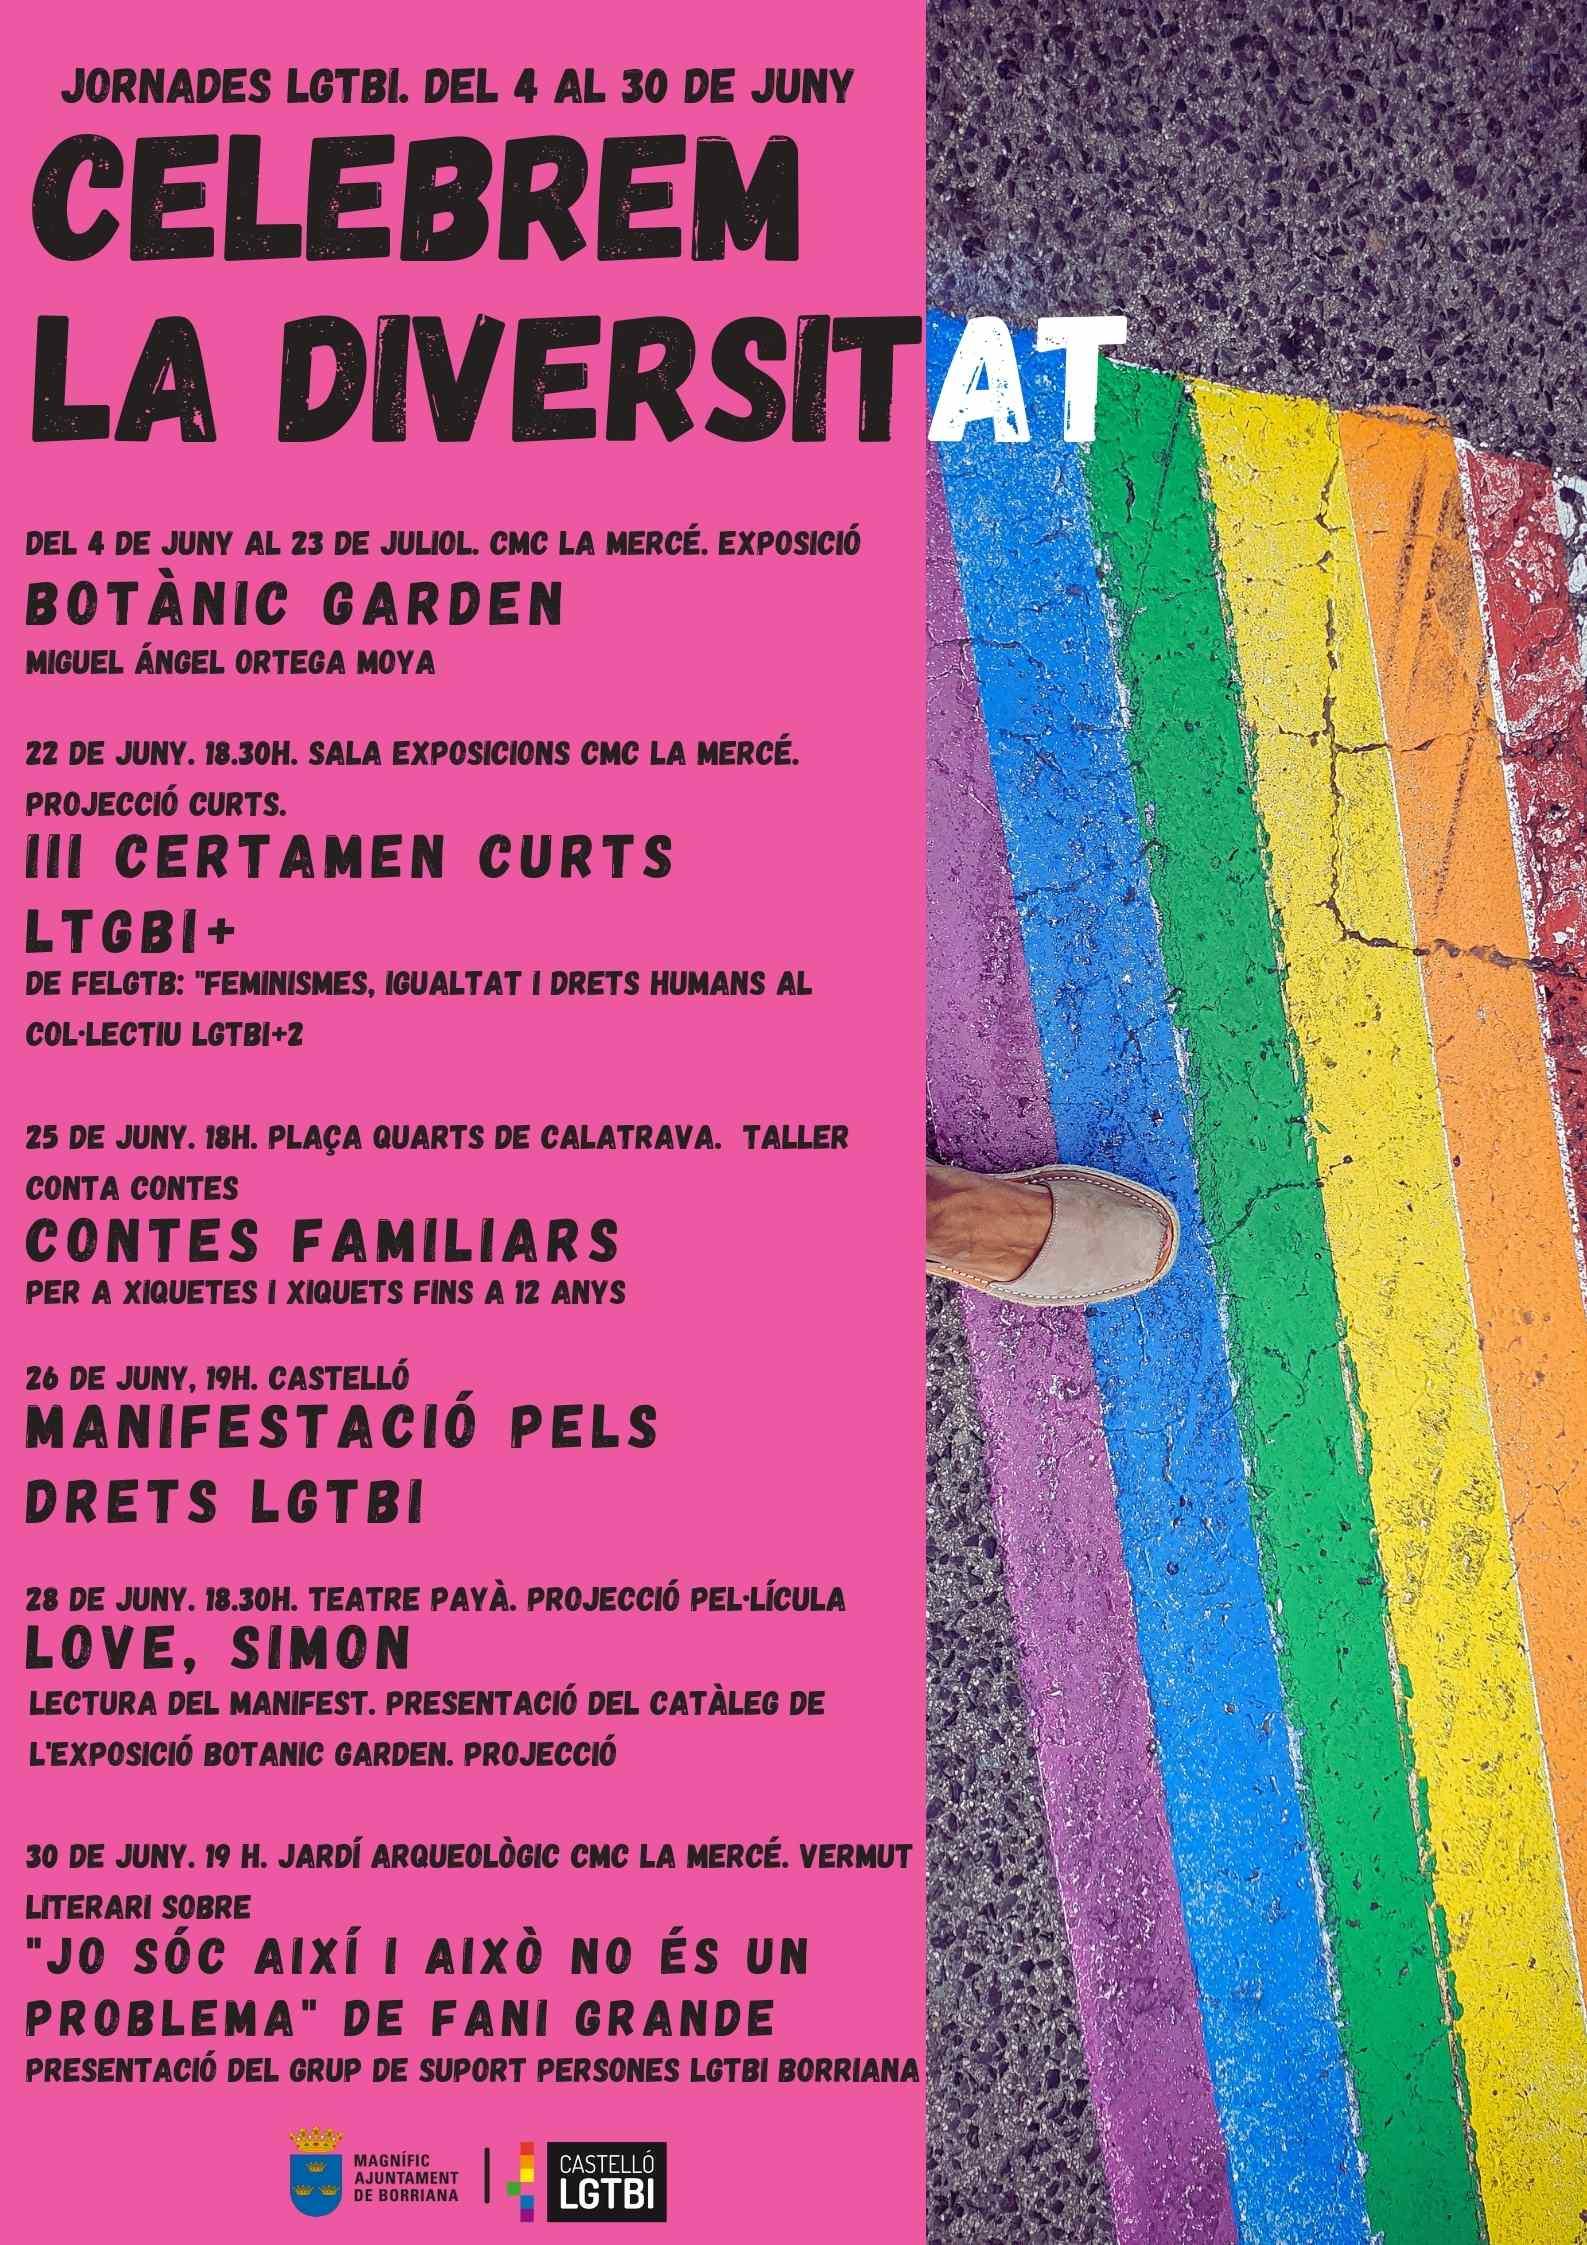 La exposición Botànic Garden de Miguel Ángel Ortega Moya abre las Jornadas del Orgullo LGTBI en Burriana